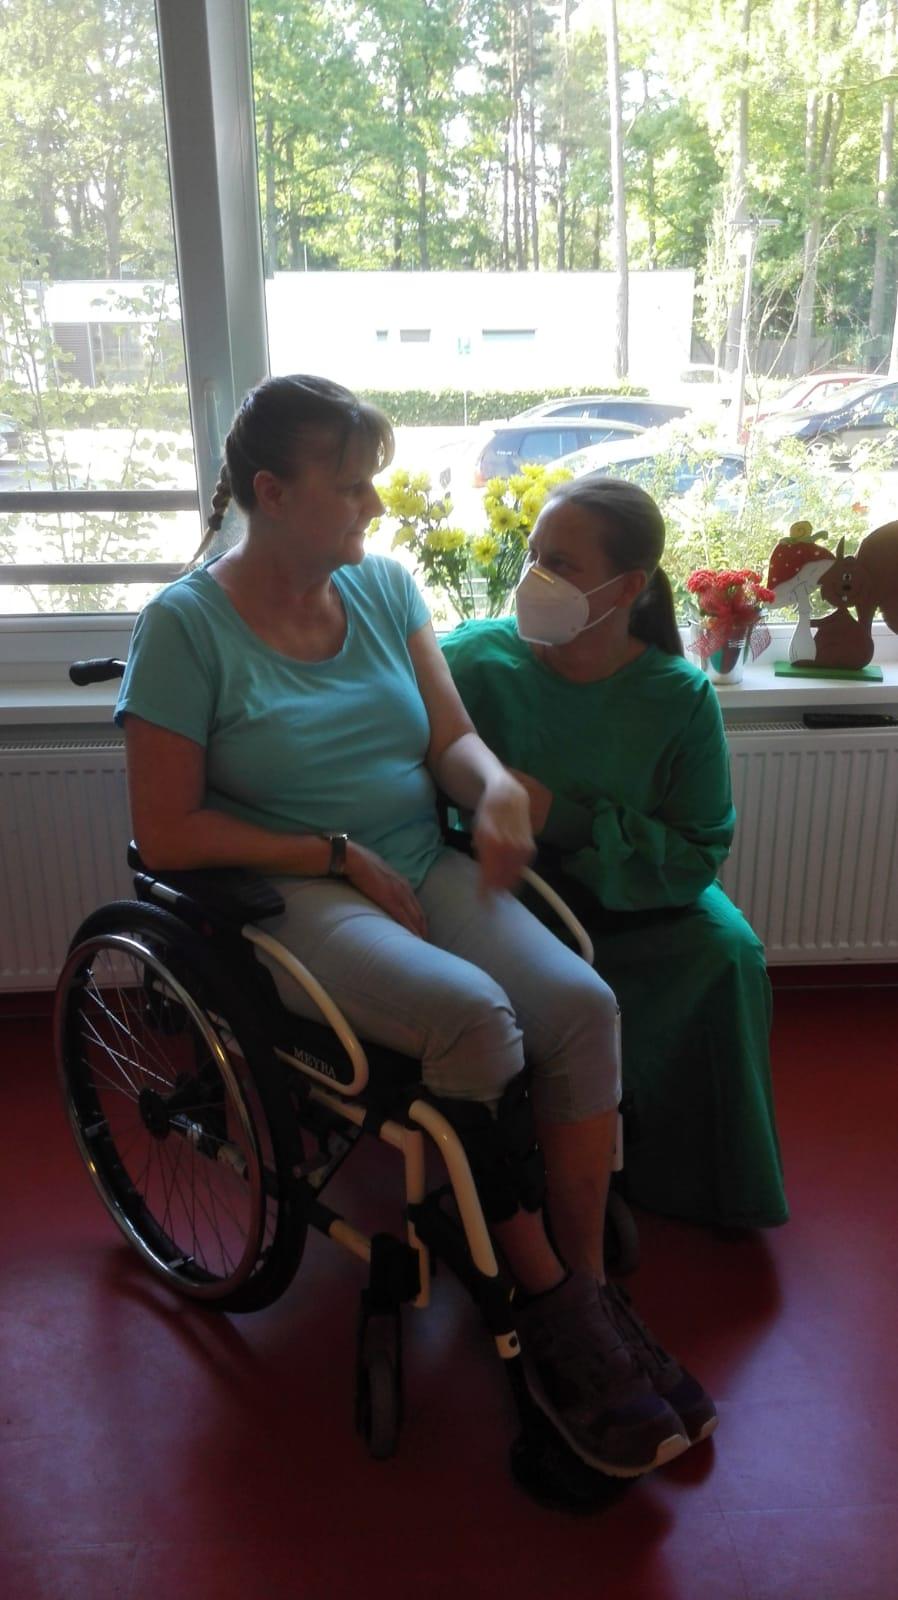 Eine Pflegerin in Schutzkleidung kniet neben einer Klientin im Rollstuhl. Sie trägt Mundschutz und ist der Klientin direkt zugewandt.